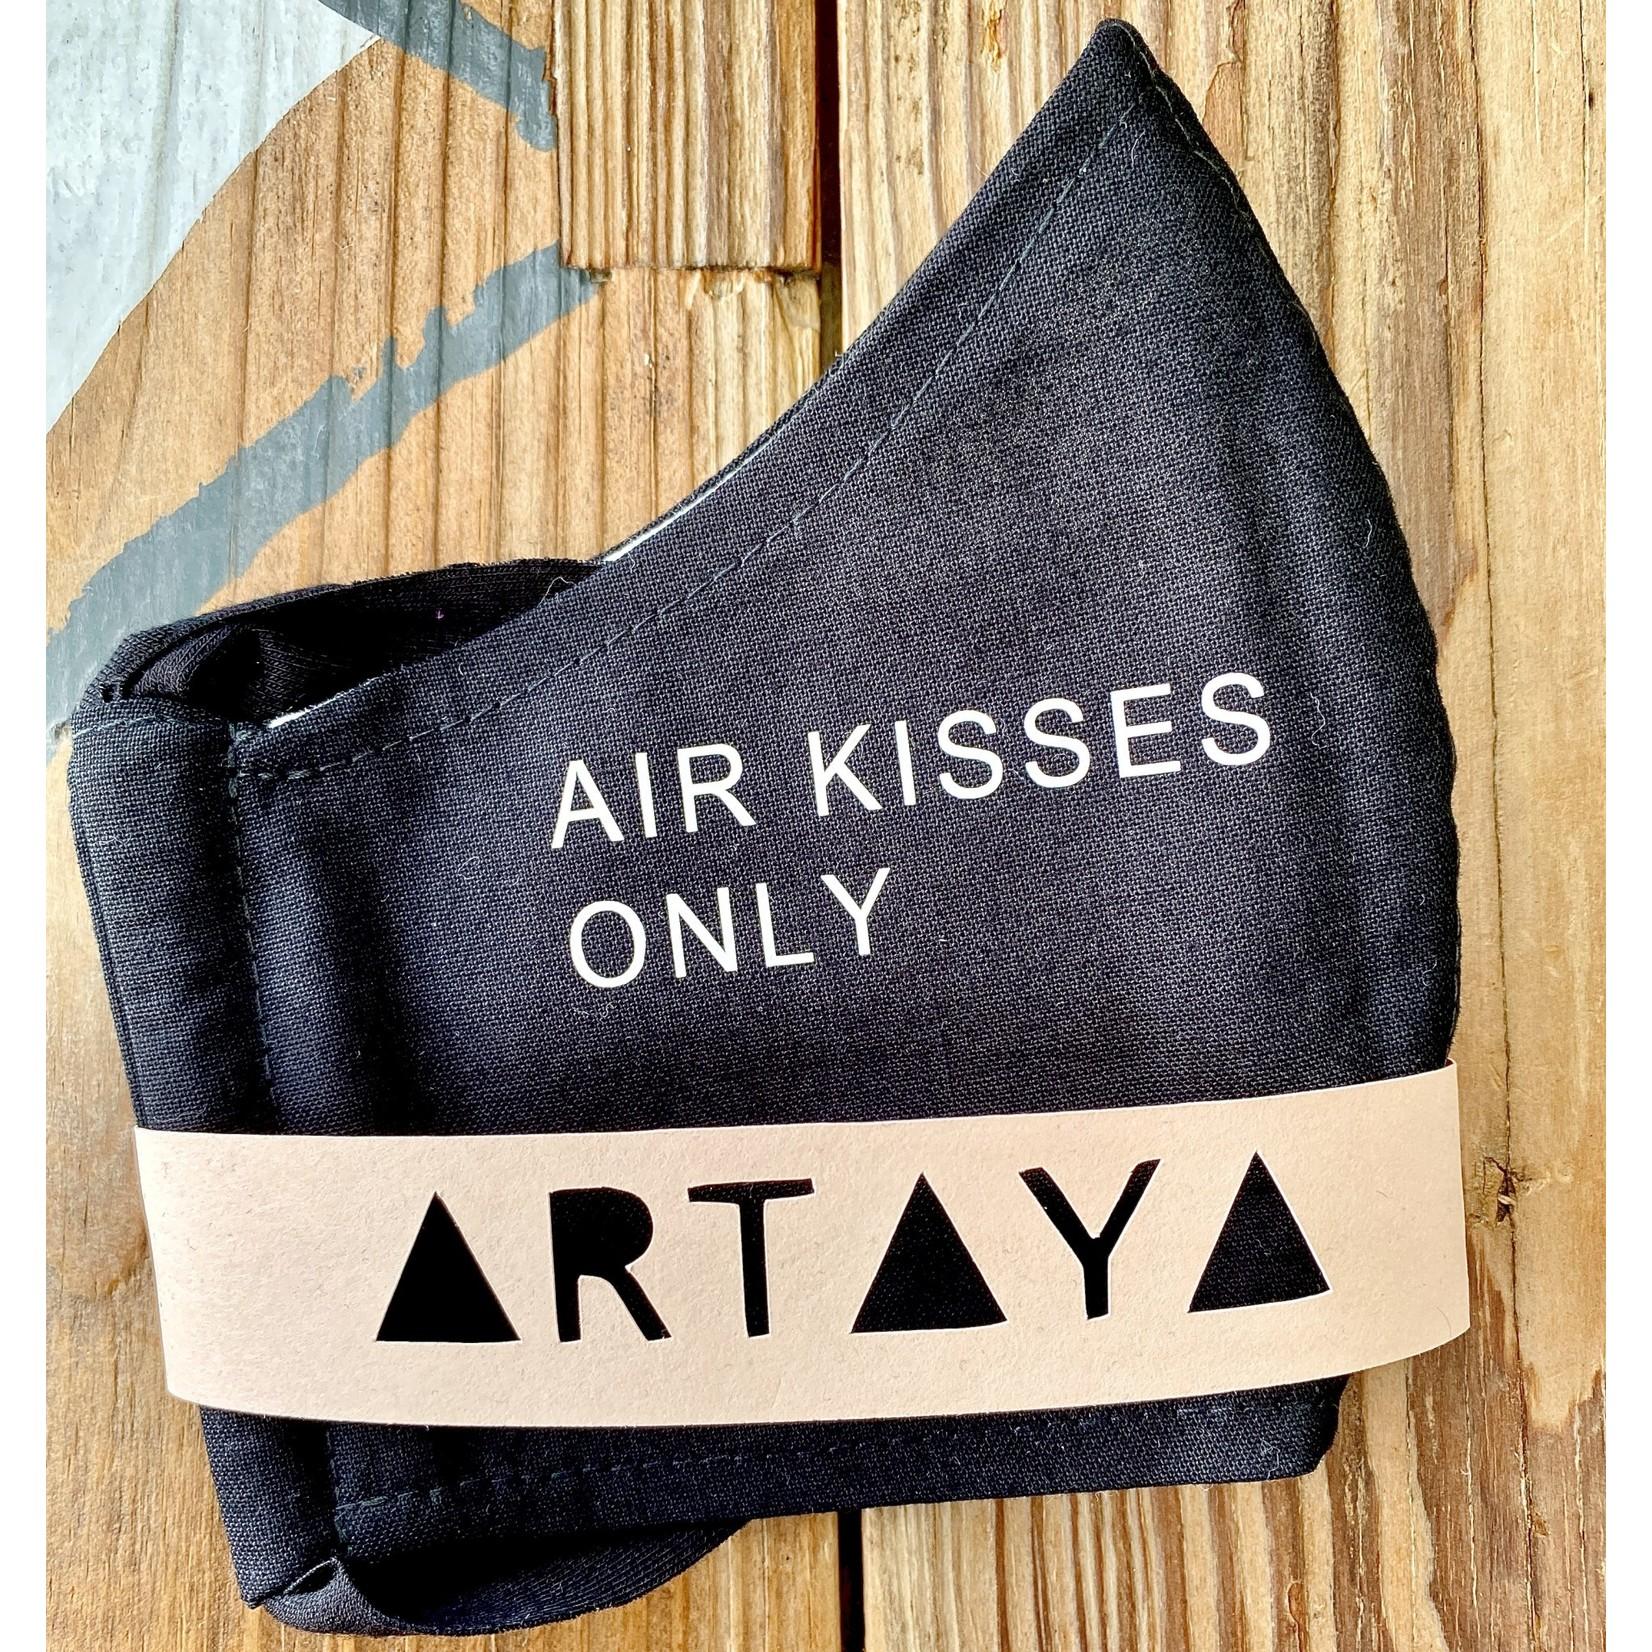 ARTAYA / ARTAYA LOKA (QO) (BO) Adult Face Masks: Air Kisses Only